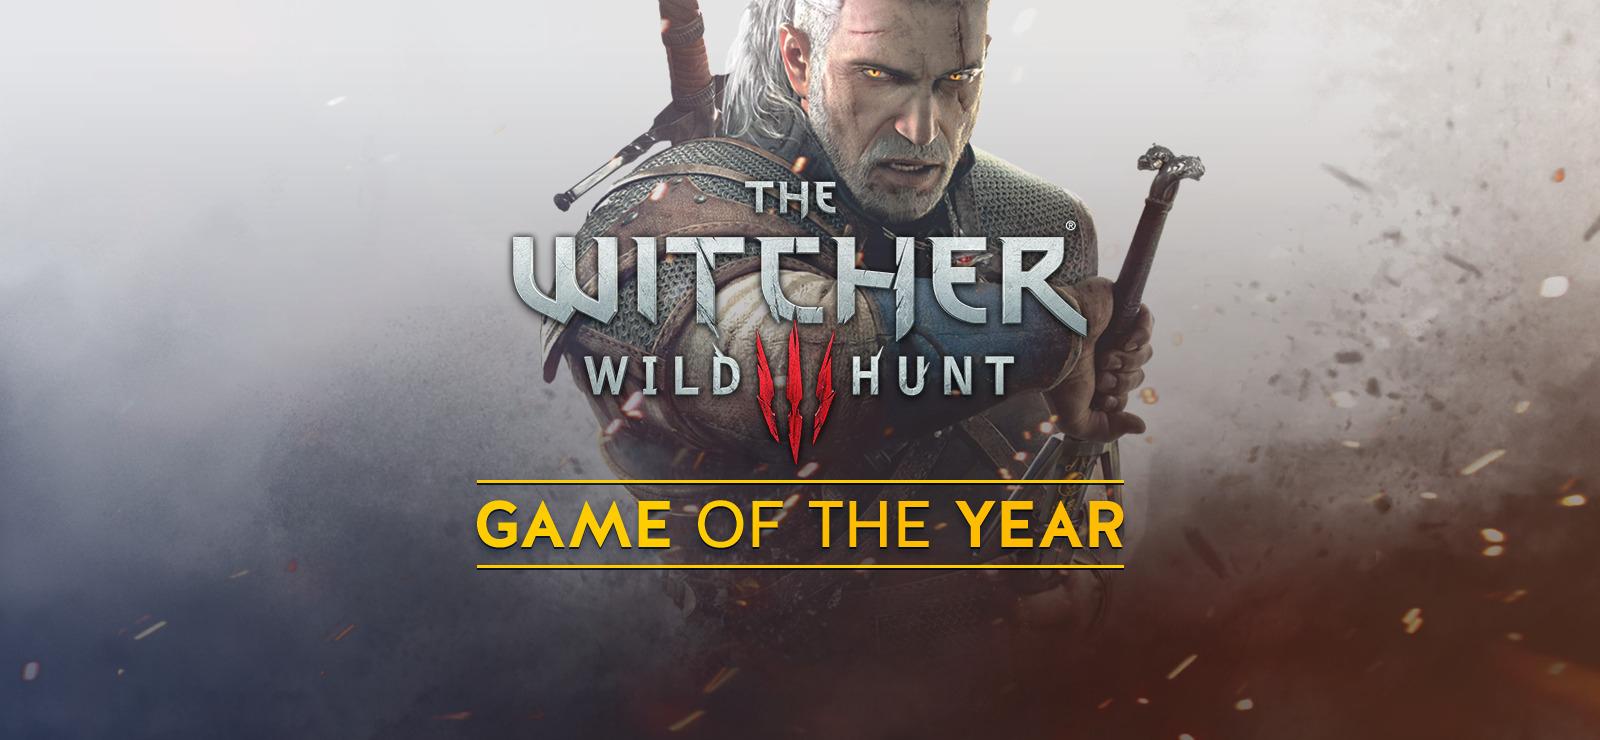 The Witcher 3: Wild Hunt - Game of the Year Edition für 10€ direkt bei GOG oder Steam